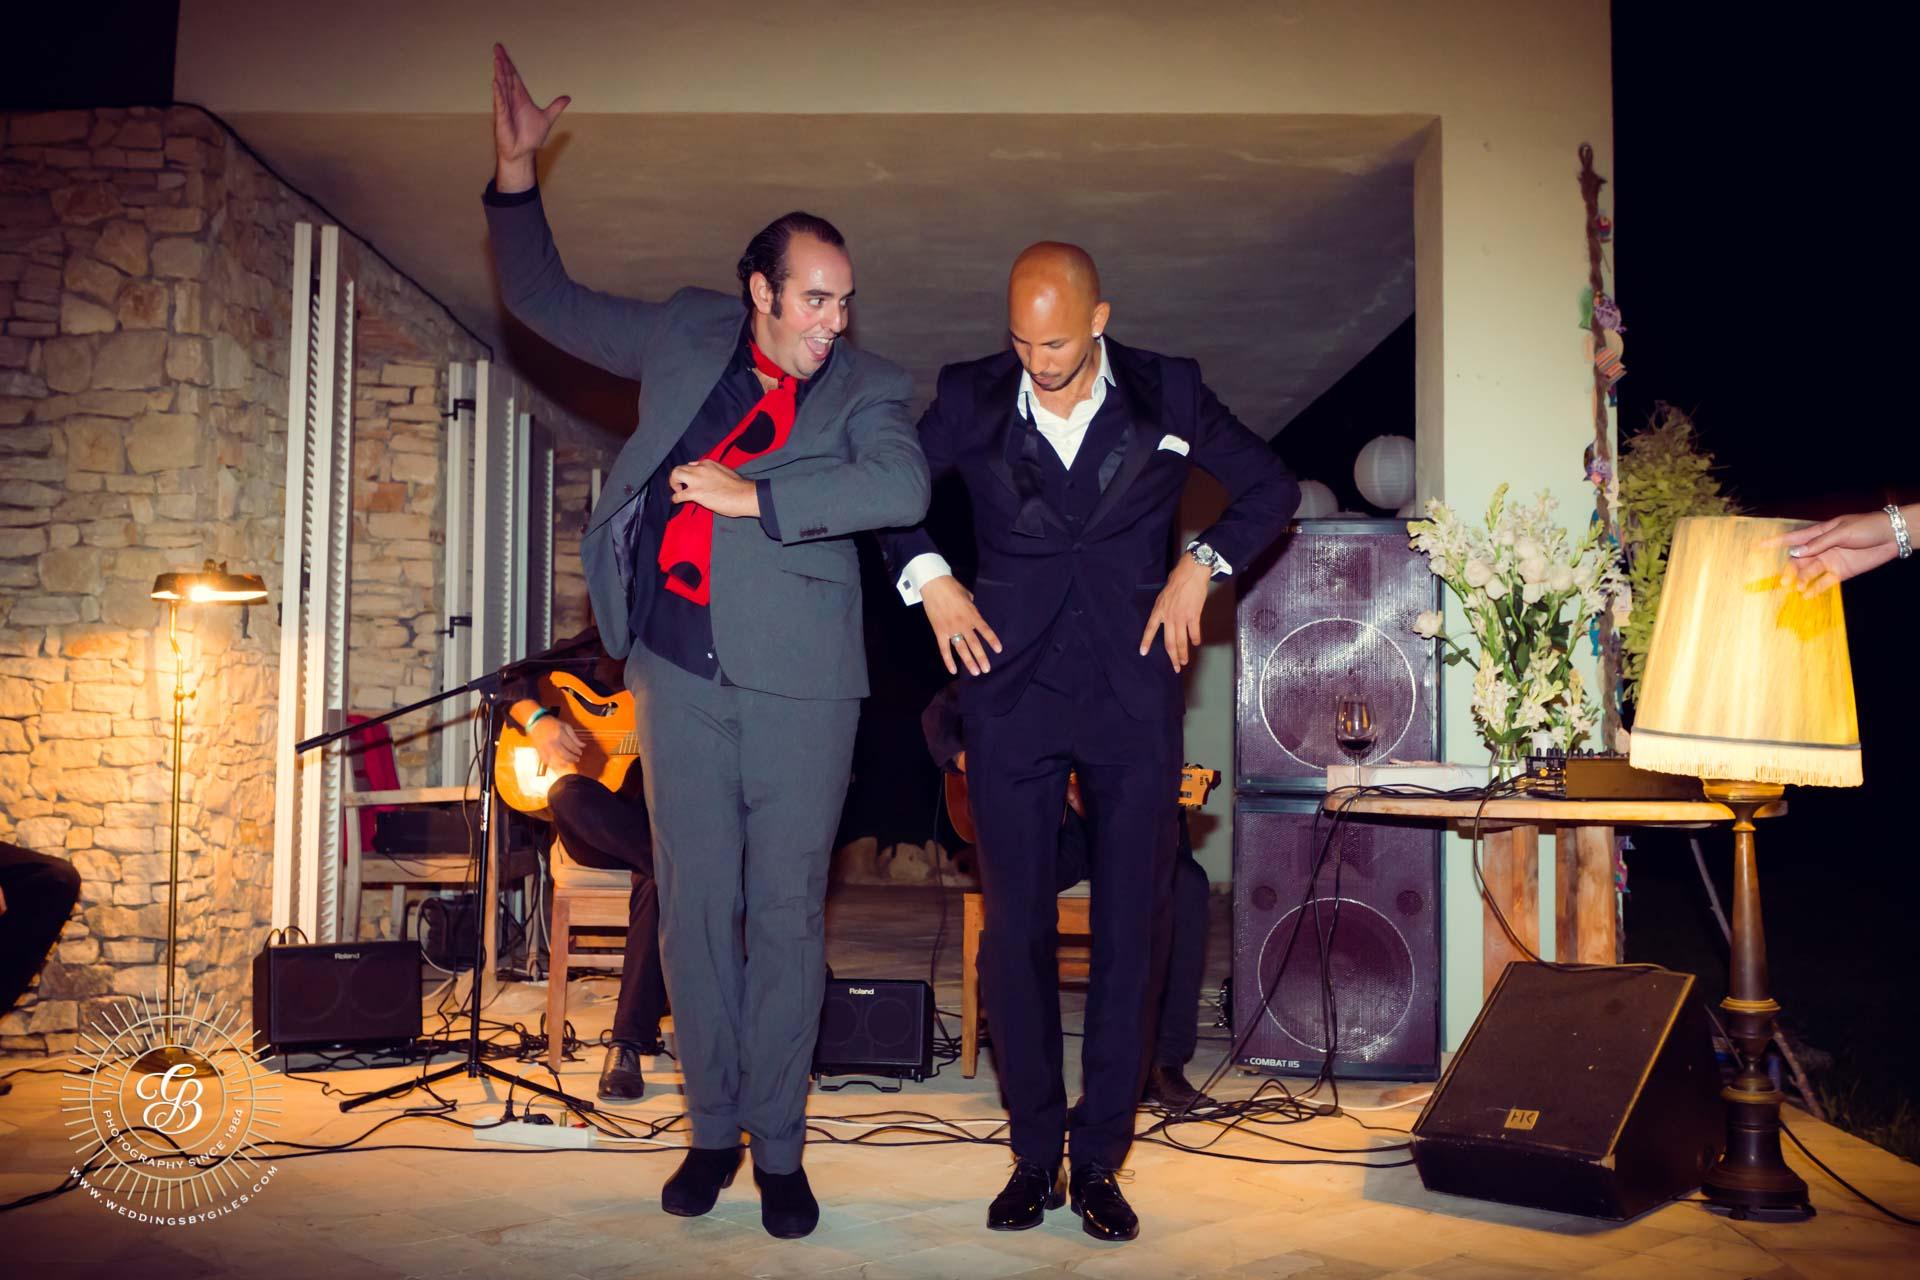 groom tries flamenco